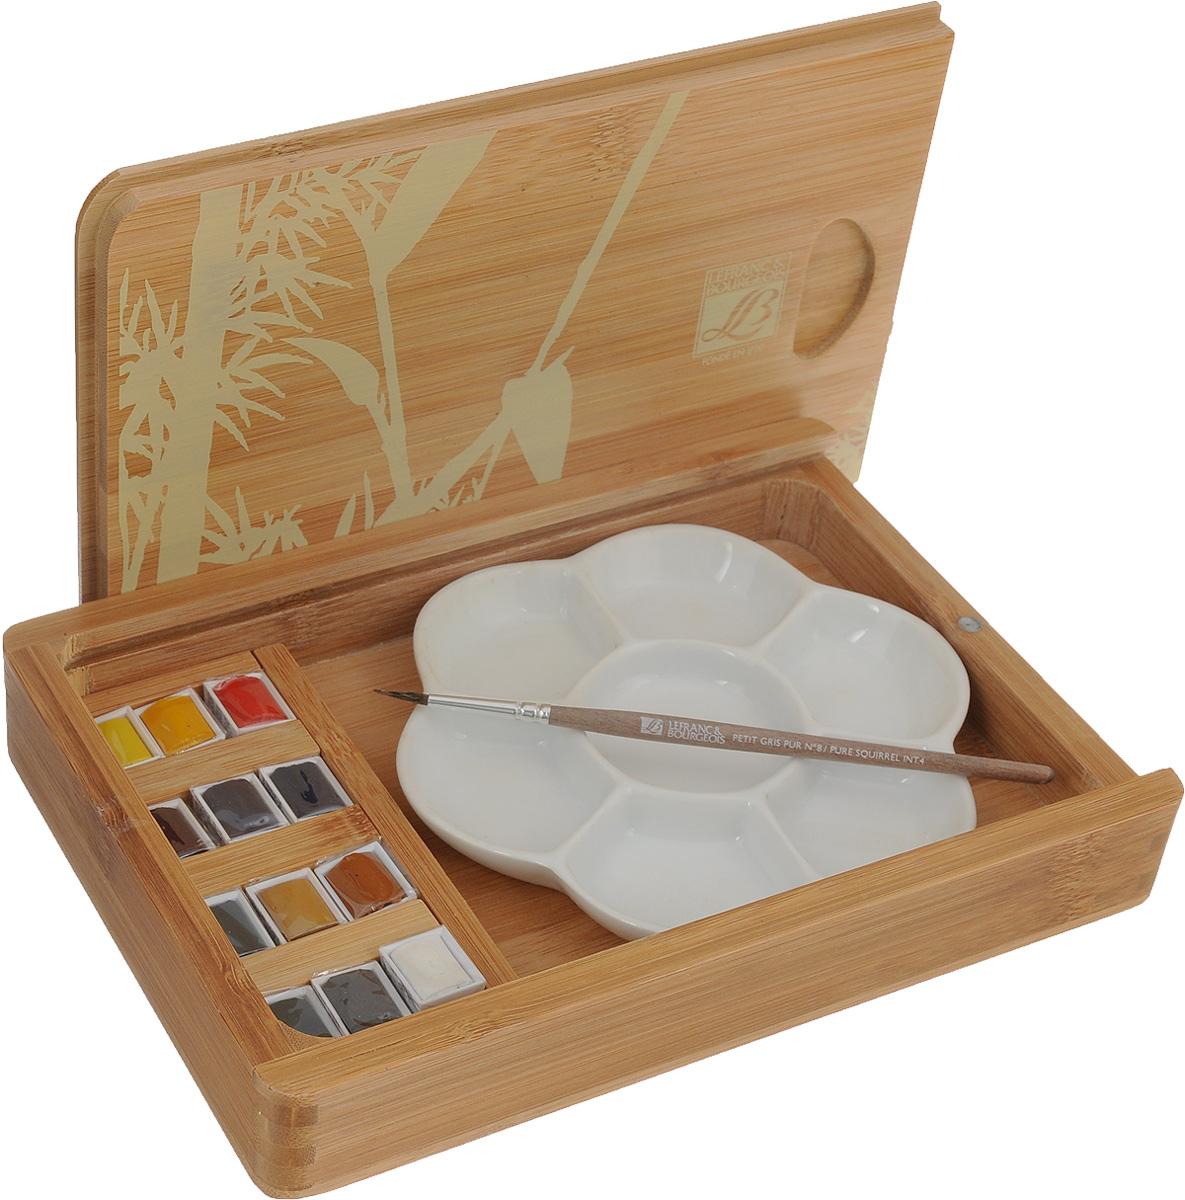 Набор акварельных красок Lefranc & Bourgeois Fine, в бамбуковом кейсе, 15 предметовLF601662Набор акварельных красок Lefranc & Bourgeois Fine состоит из 12 кюветов разныхцветов в бамбуковом кейсе, кисточки и керамической палитры. Данная форма акварели эффективна в работе над небольшимикартинами, а также на пленэре при выполнении набросков.